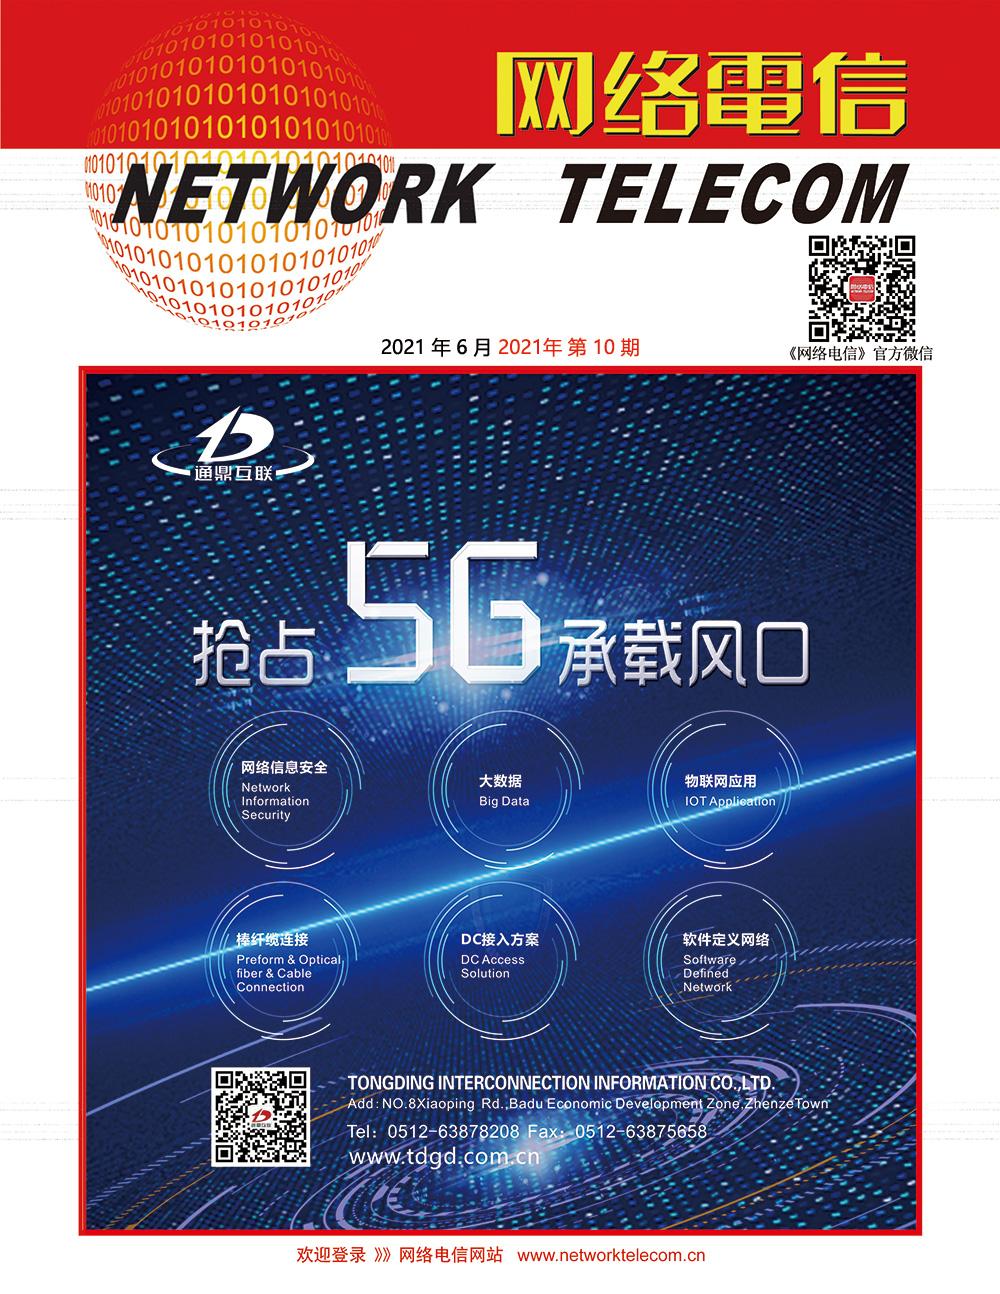 《网络电信》微杂志——2021年6月刊上